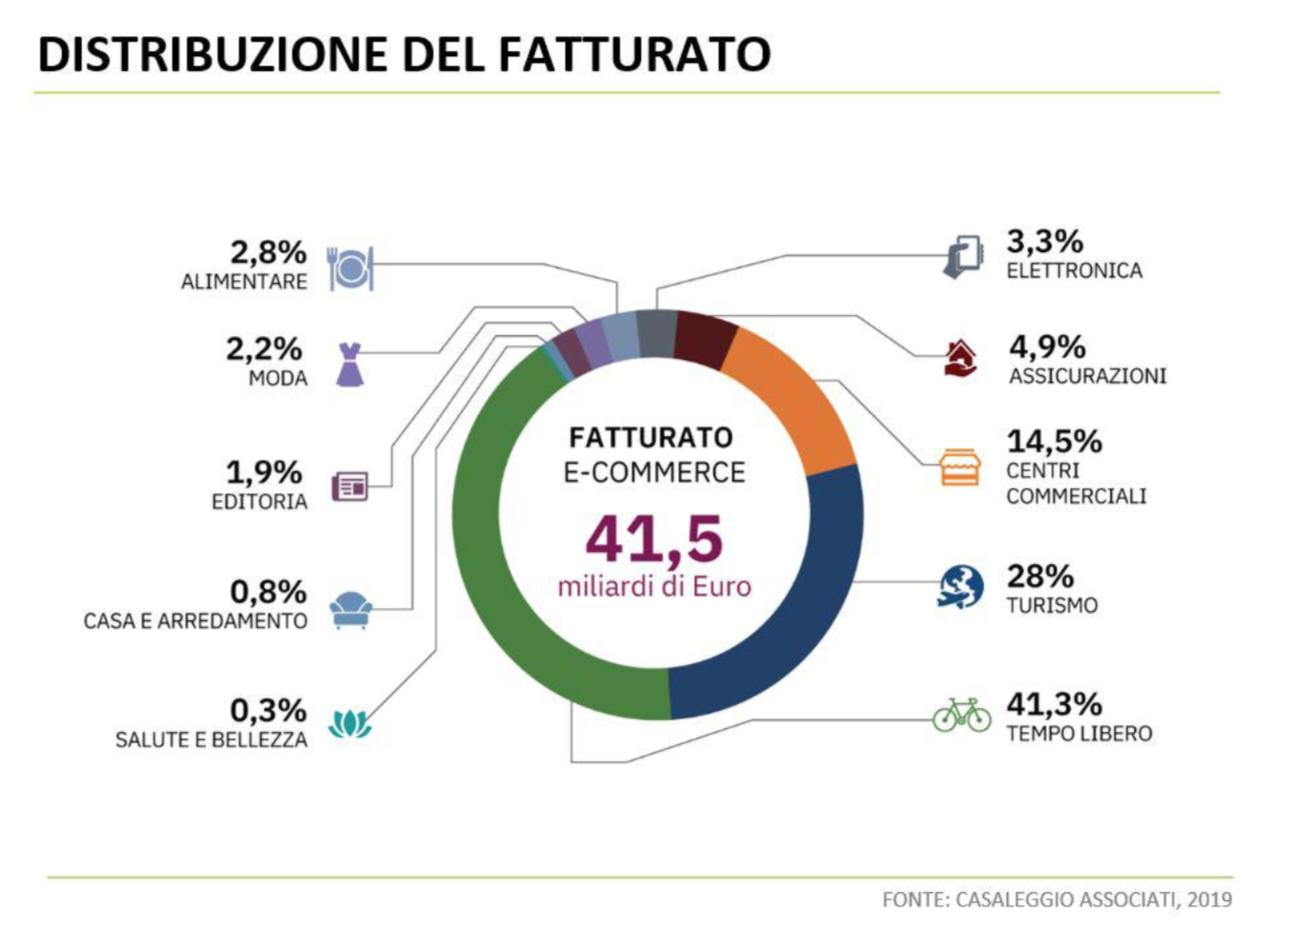 Fatturato e-commerce italia 2019 in crescita